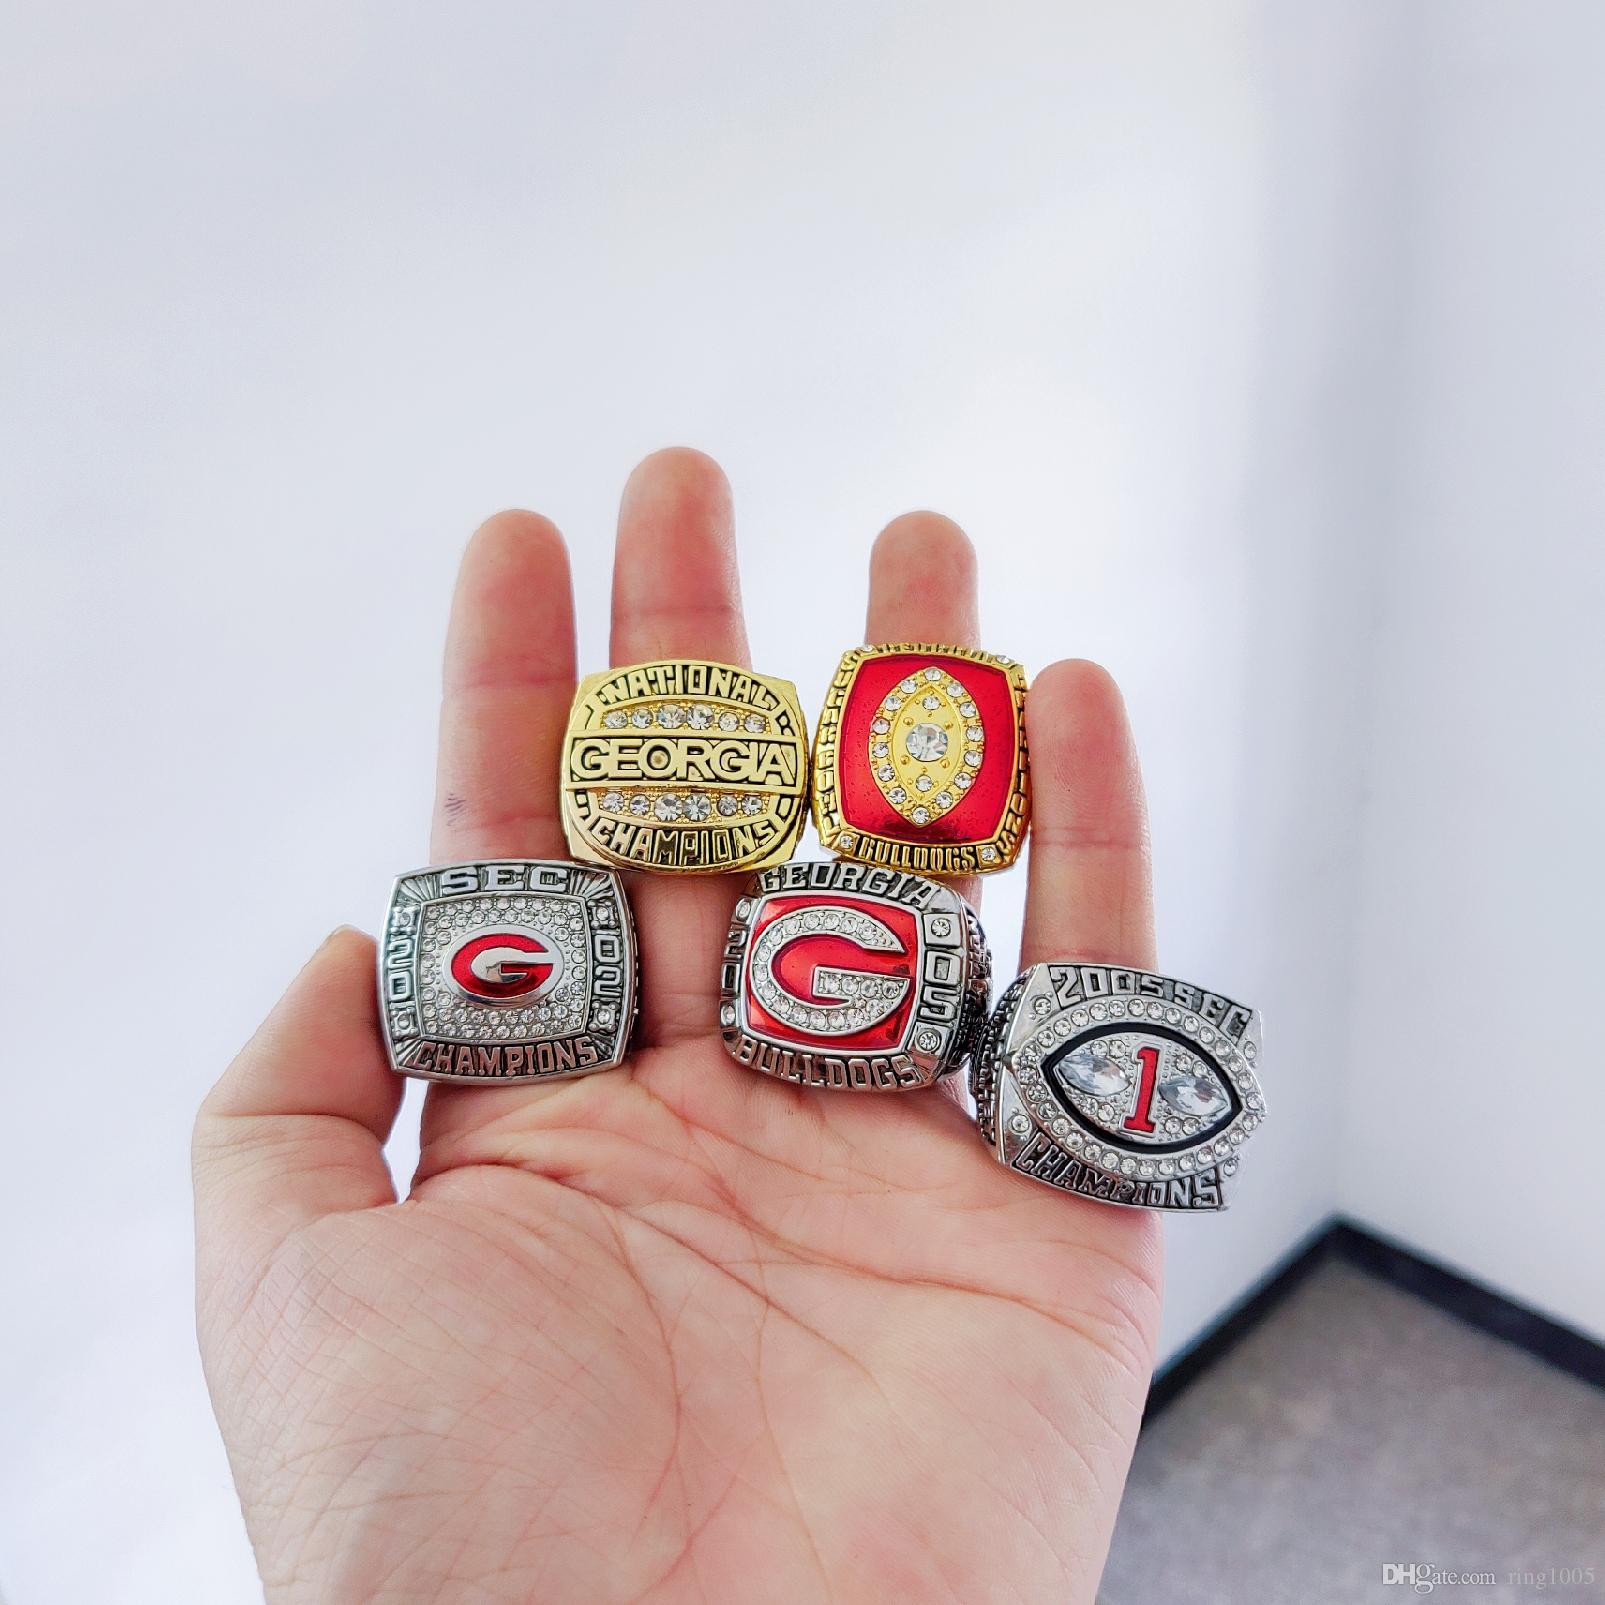 2019 toptan 1980 2002 2003 2005 Georgia Bulldogs SEC Şampiyonası Yüzük 5 adet / takım Hatıra Erkekler Fan Hediye Damla Nakliye